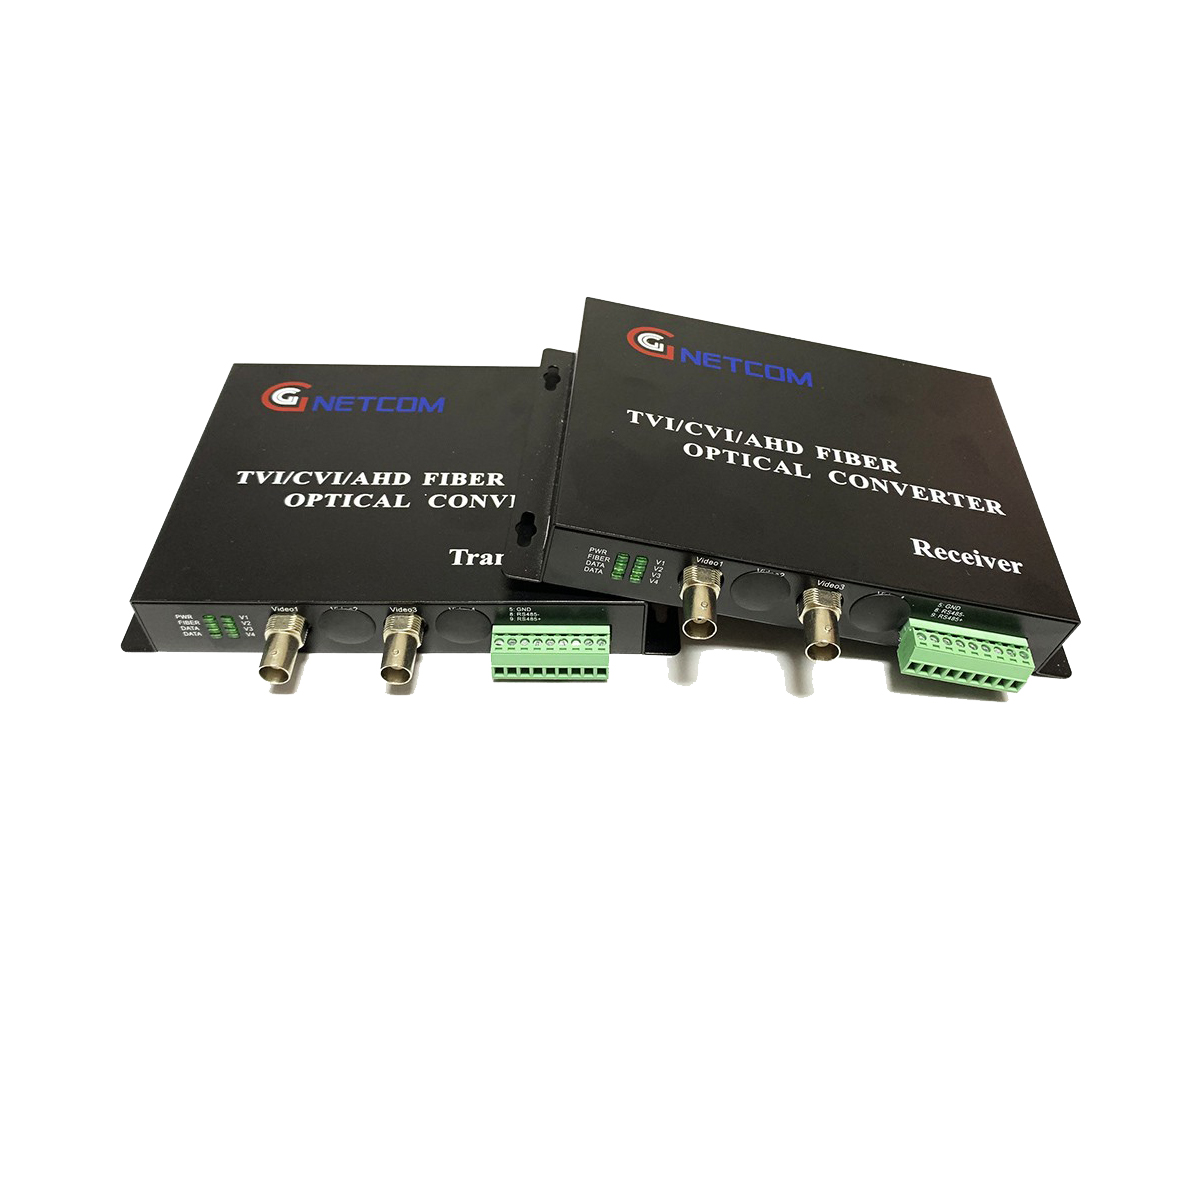 Bộ chuyển đổi video sang quang 2 kênh GNETCOM HL-2V1D-20T/R-1080P (2 thiết bị,2 adapter,Cổng điều khiển) - Hàng Chính Hãng